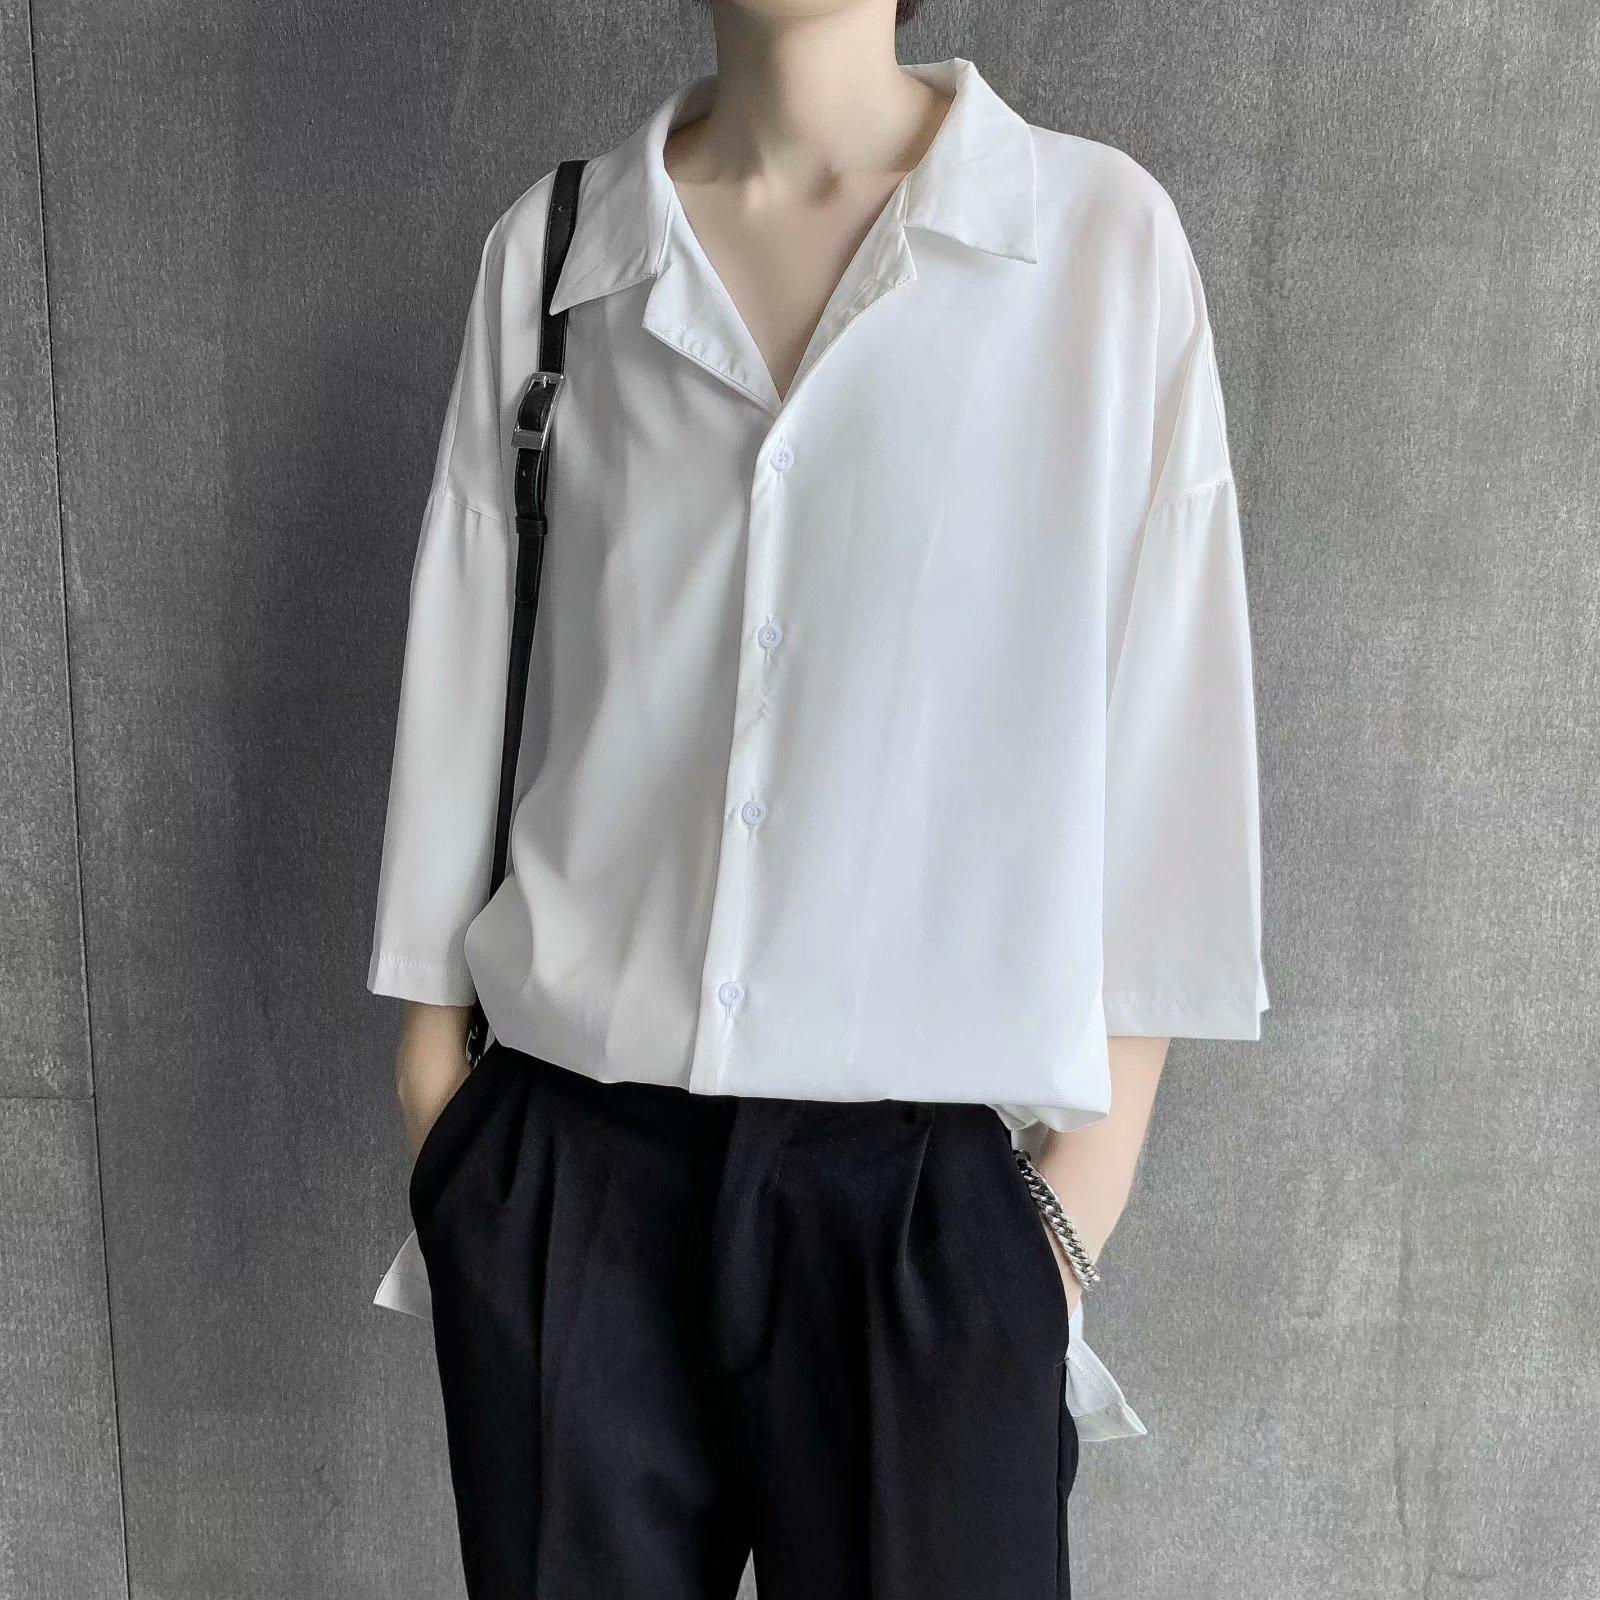 发型师潮牌男装盐系炸街上衣男生高级感衬衫夏季短袖禁欲系七分袖